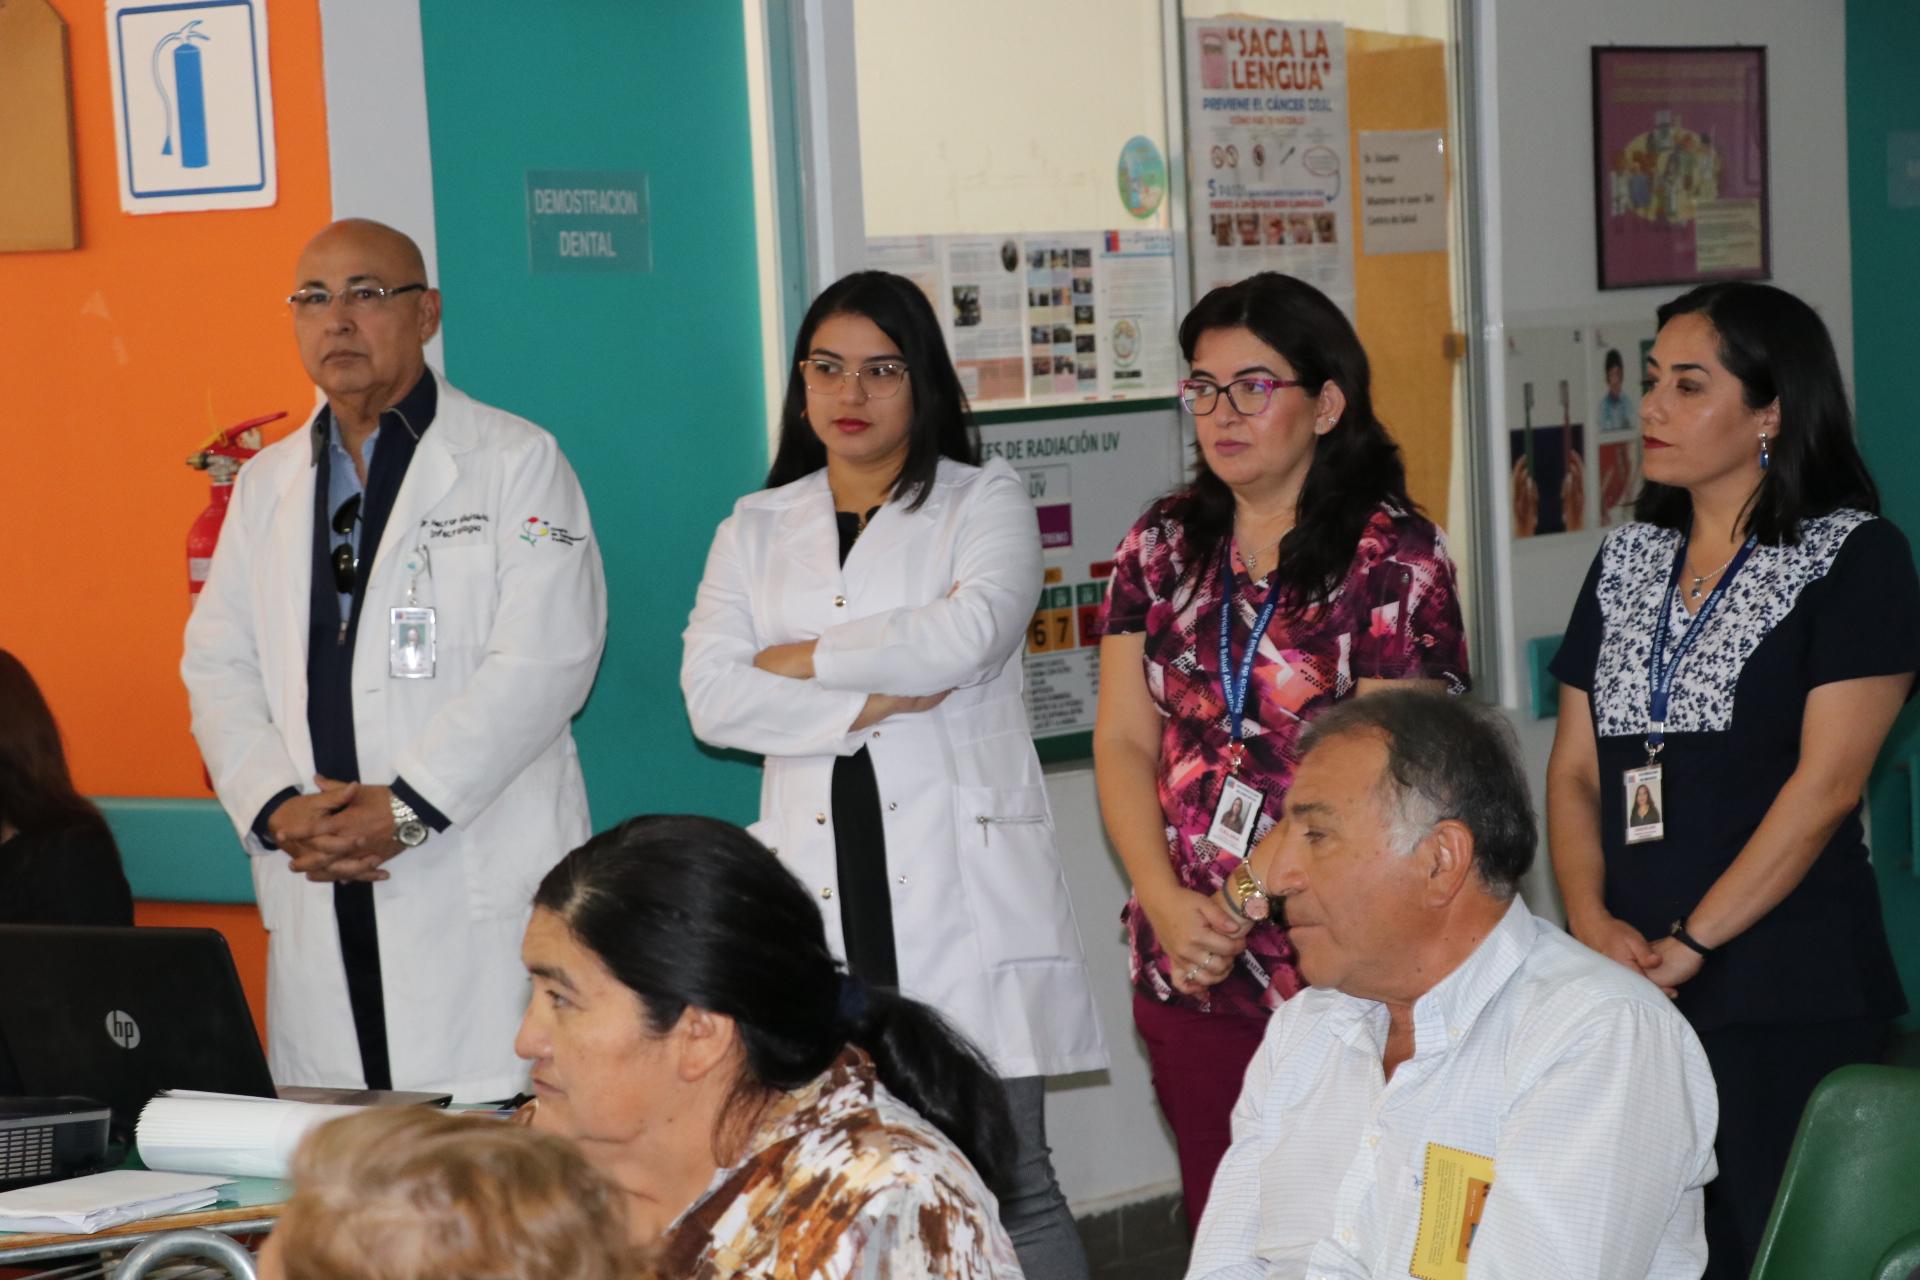 HPH realiza operativo médico de Chagas en Alto del Carmen